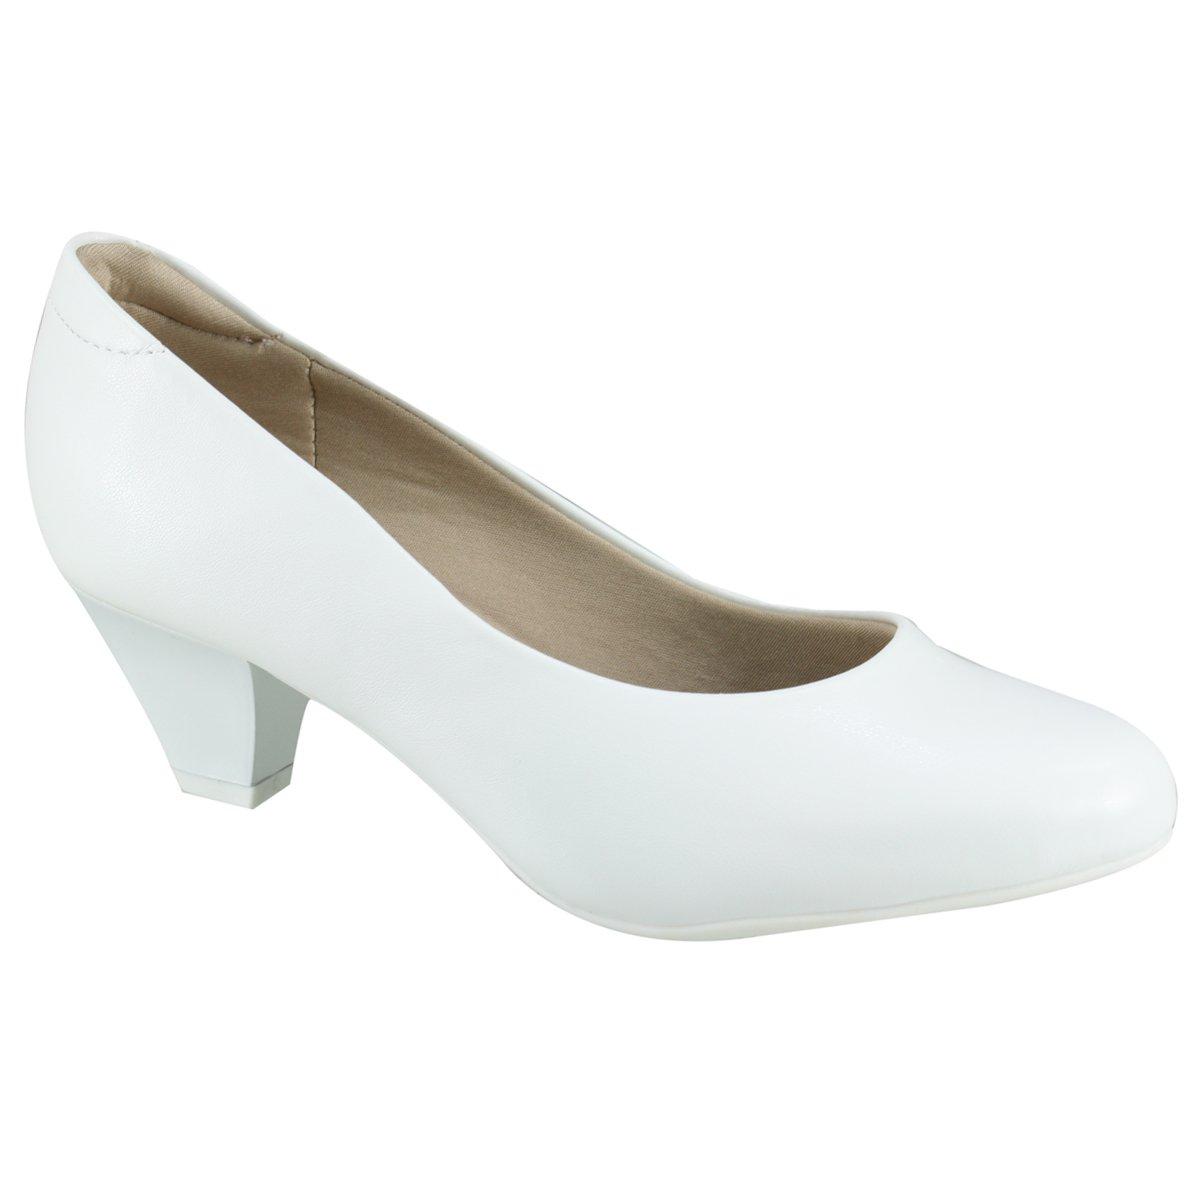 fb8ad4910 Sapato Feminino Modare Ultra Conforto 7005.600 5536 16072 Branco (Napa  Sense Flex)